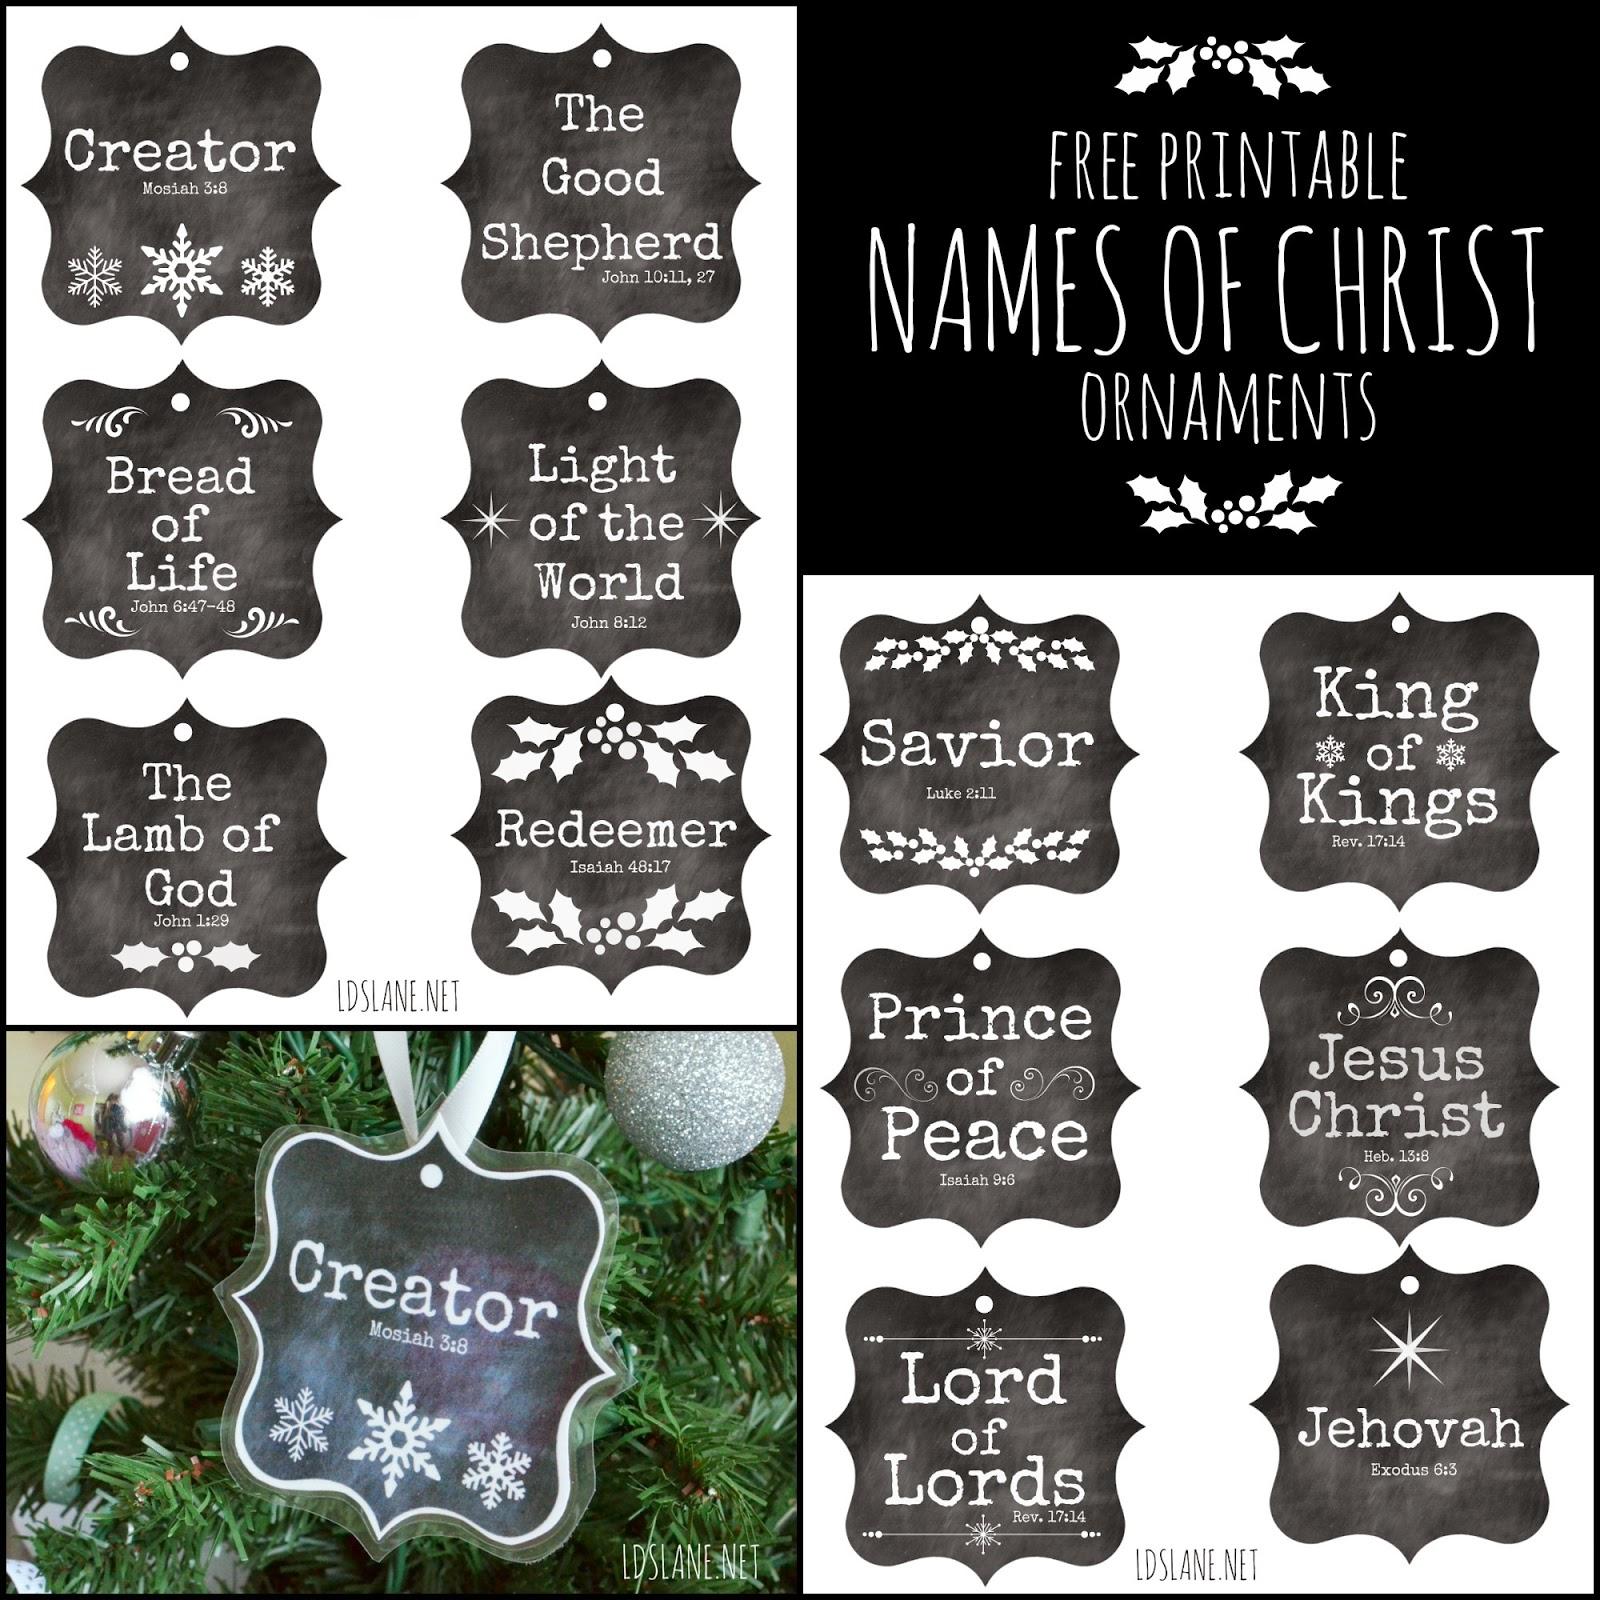 Name christmas ornaments - Free Printable Names